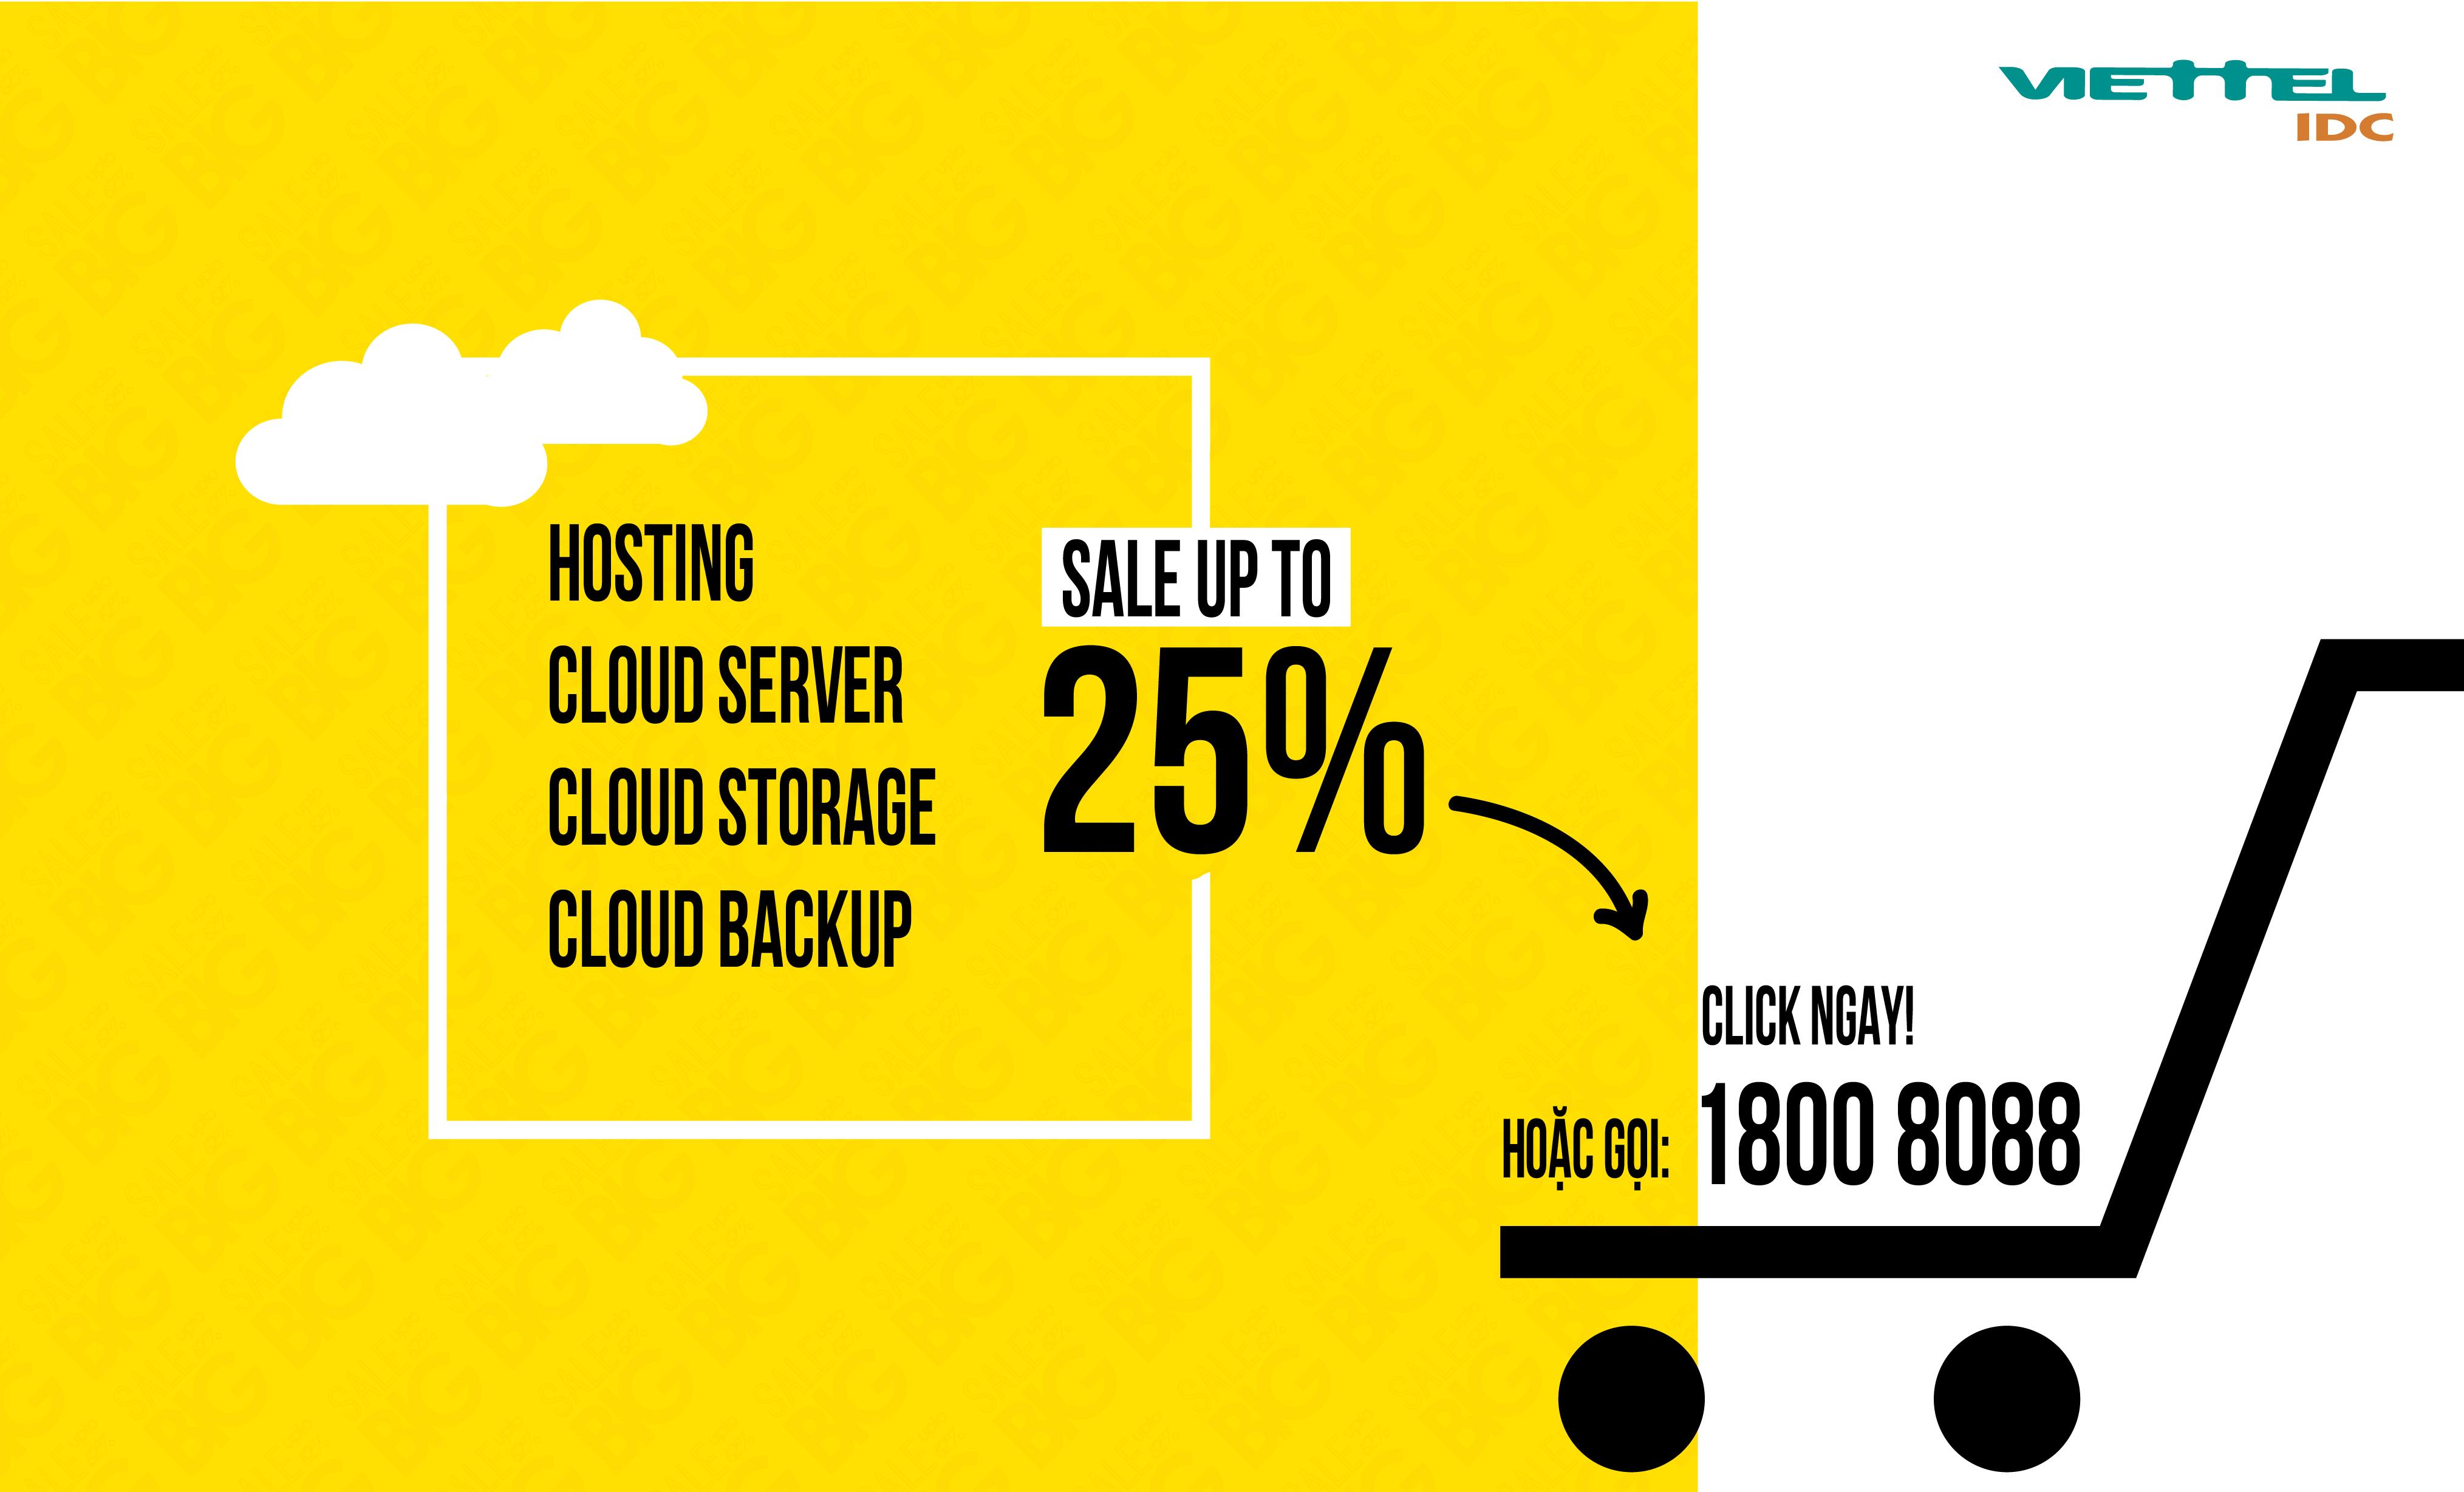 Khuyến mãi tất cả các dịch vụ Cloud tại Viettel IDC